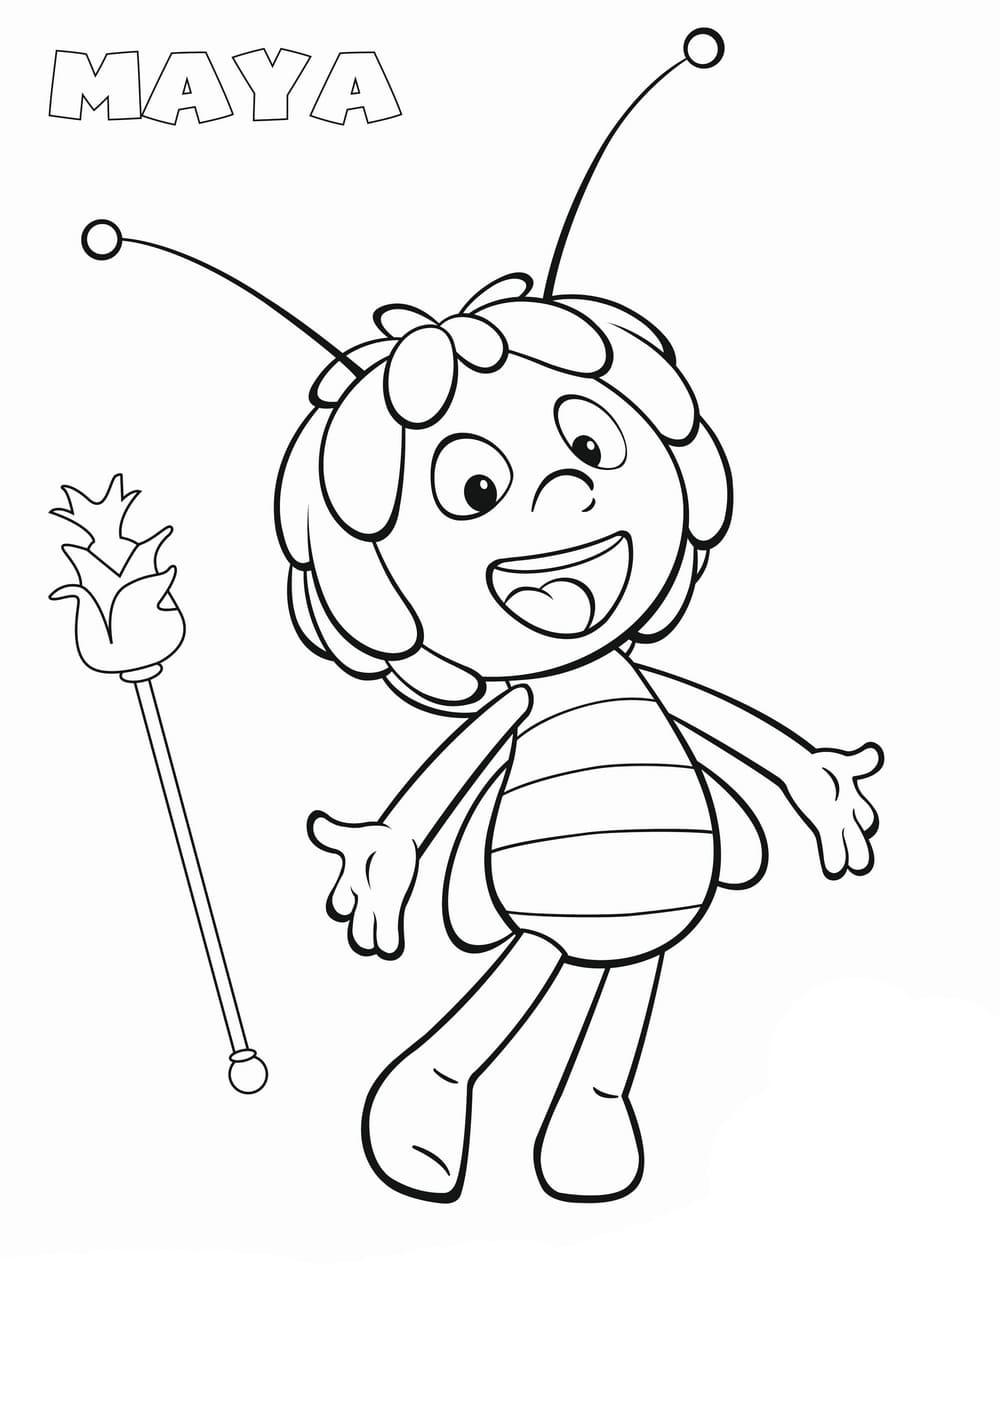 Ausmalbilder Biene Maja - 14 Malvorlagen für Kinder